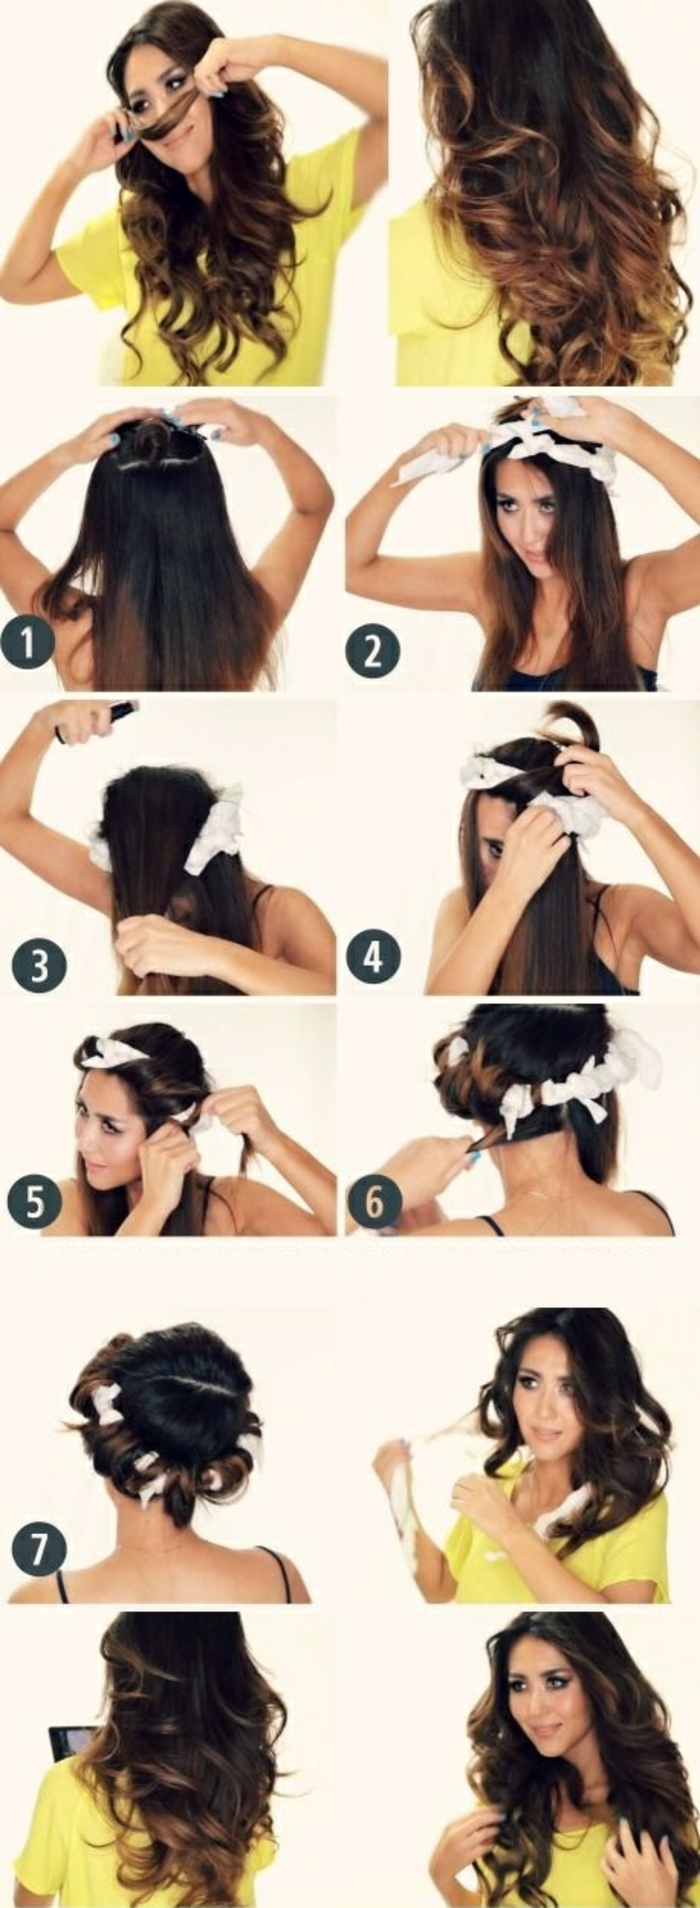 cheveux-coupe-de-cheveux-tendance-coiffure-cheveux-ondulés-sans-chaleur-tutoriel